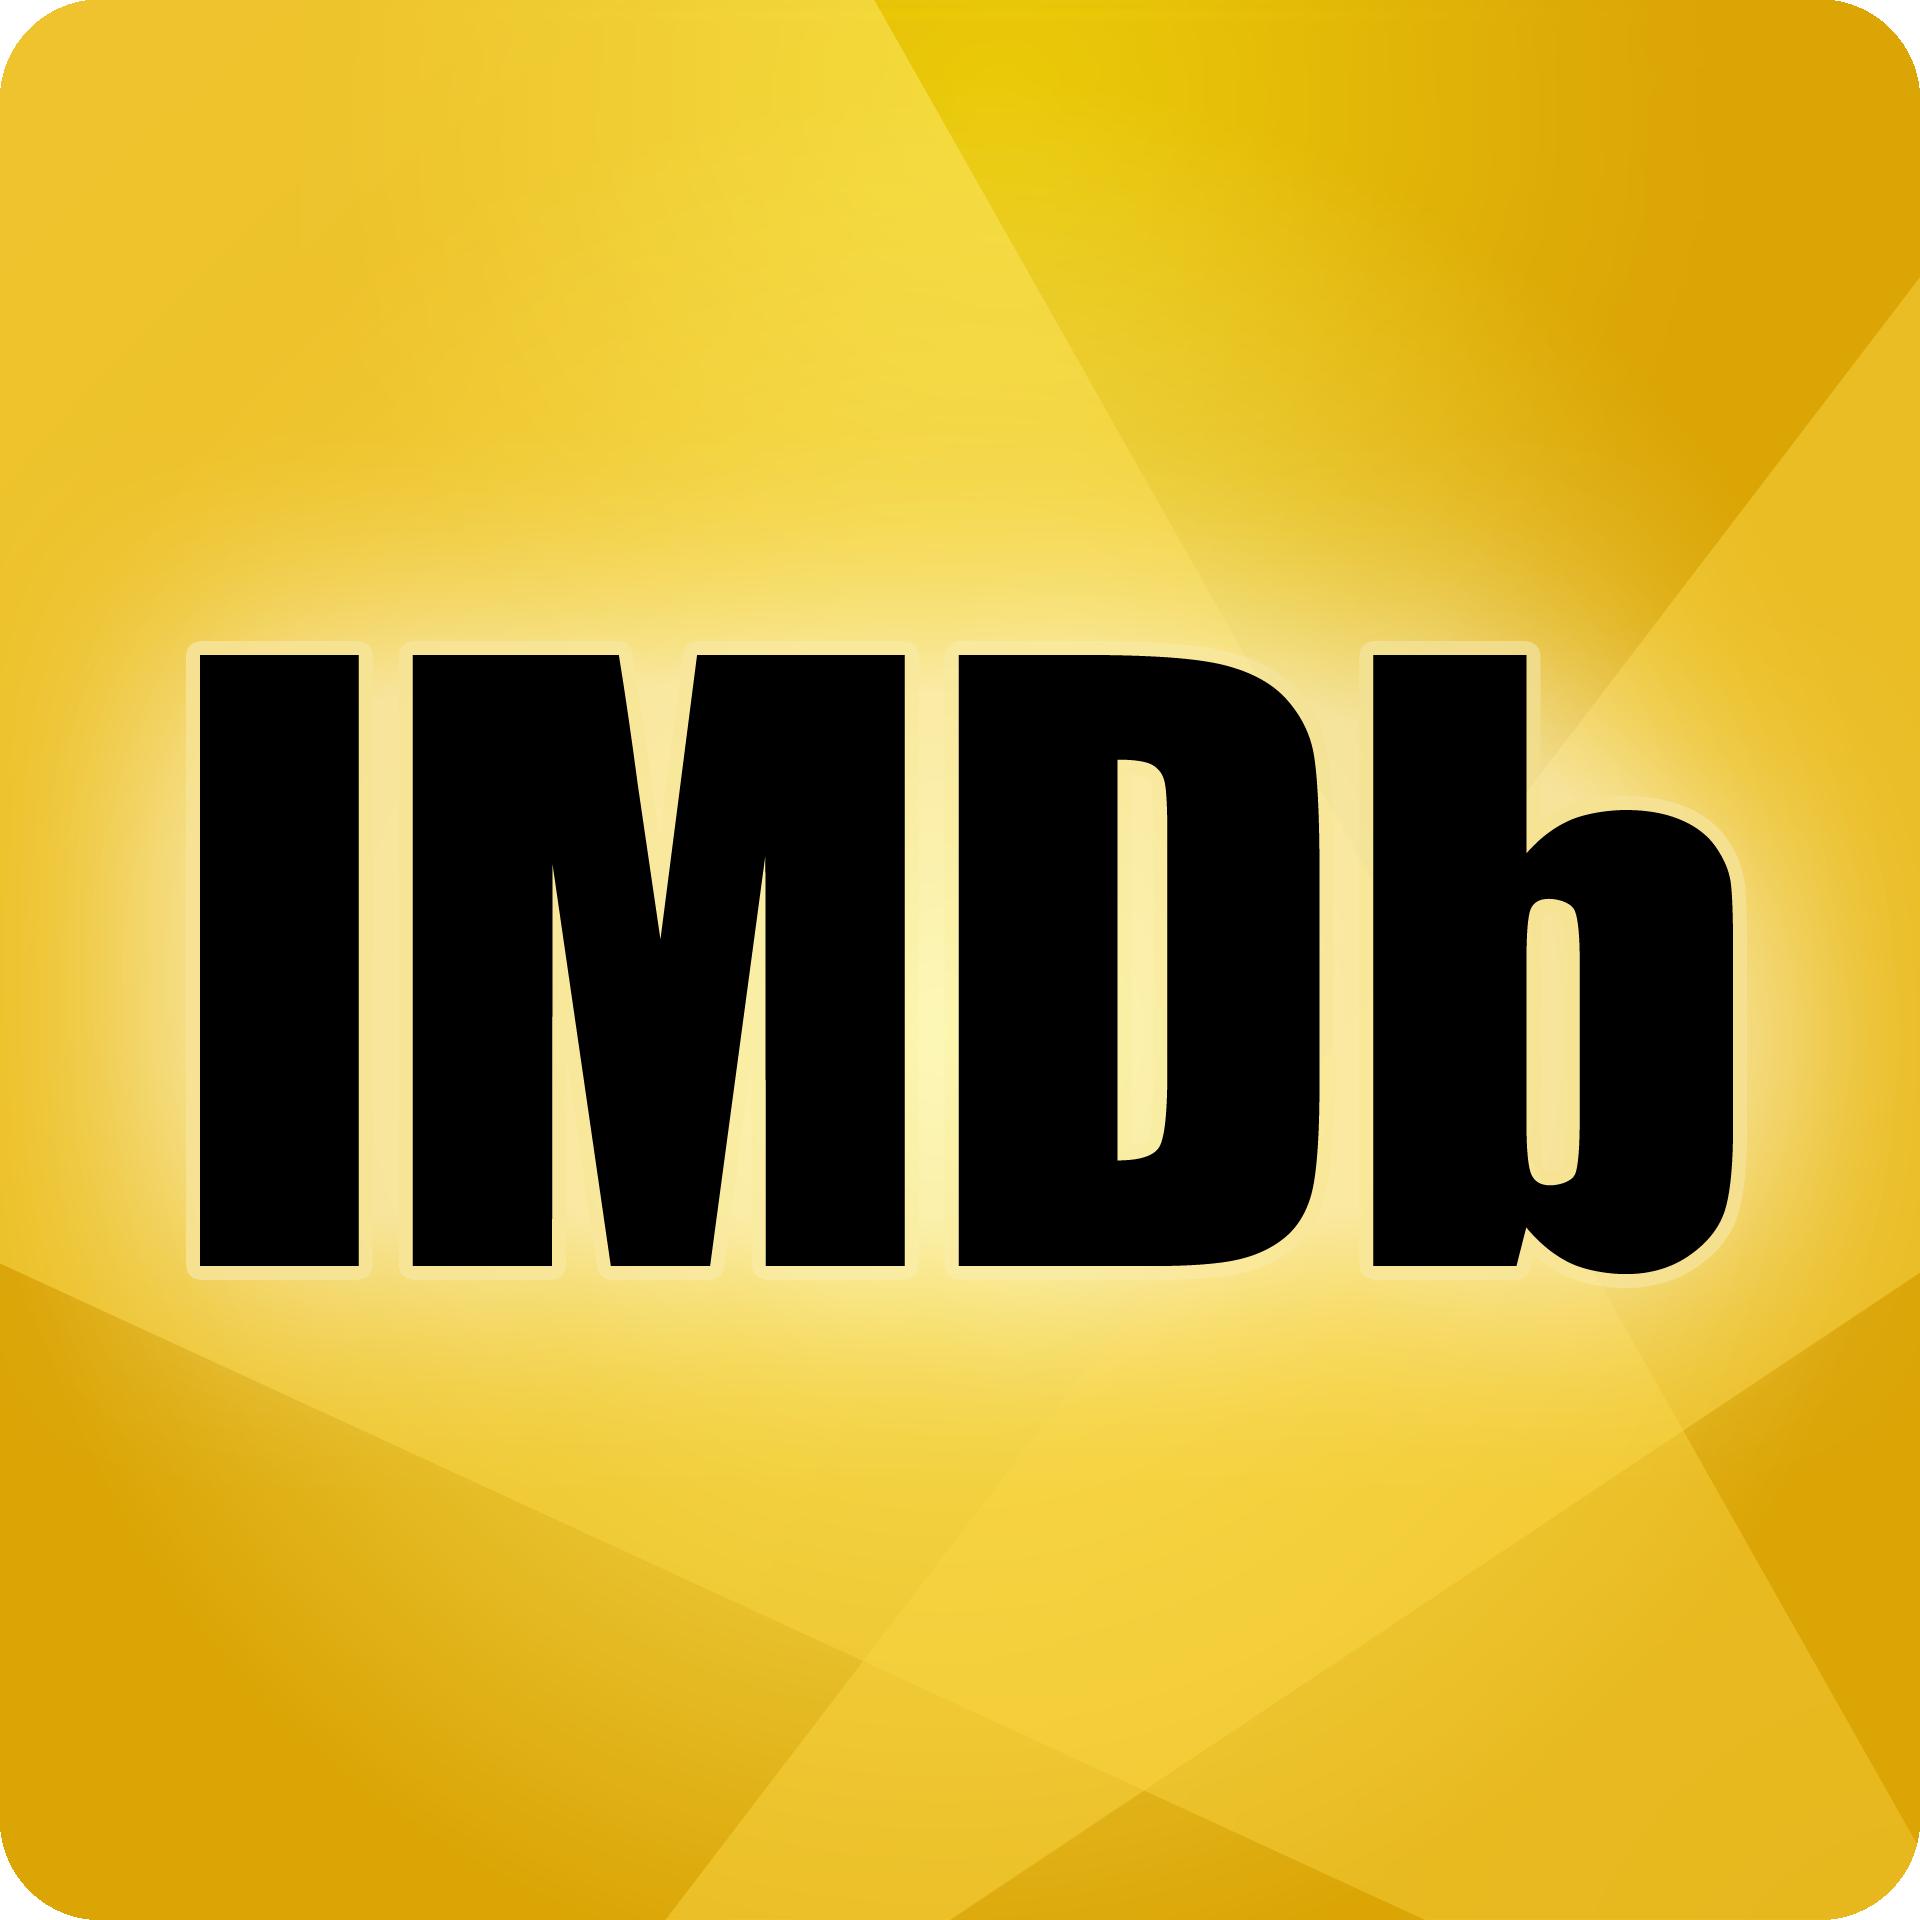 http://www.imdb.com/title/tt0461681/?ref_=fn_al_tt_2